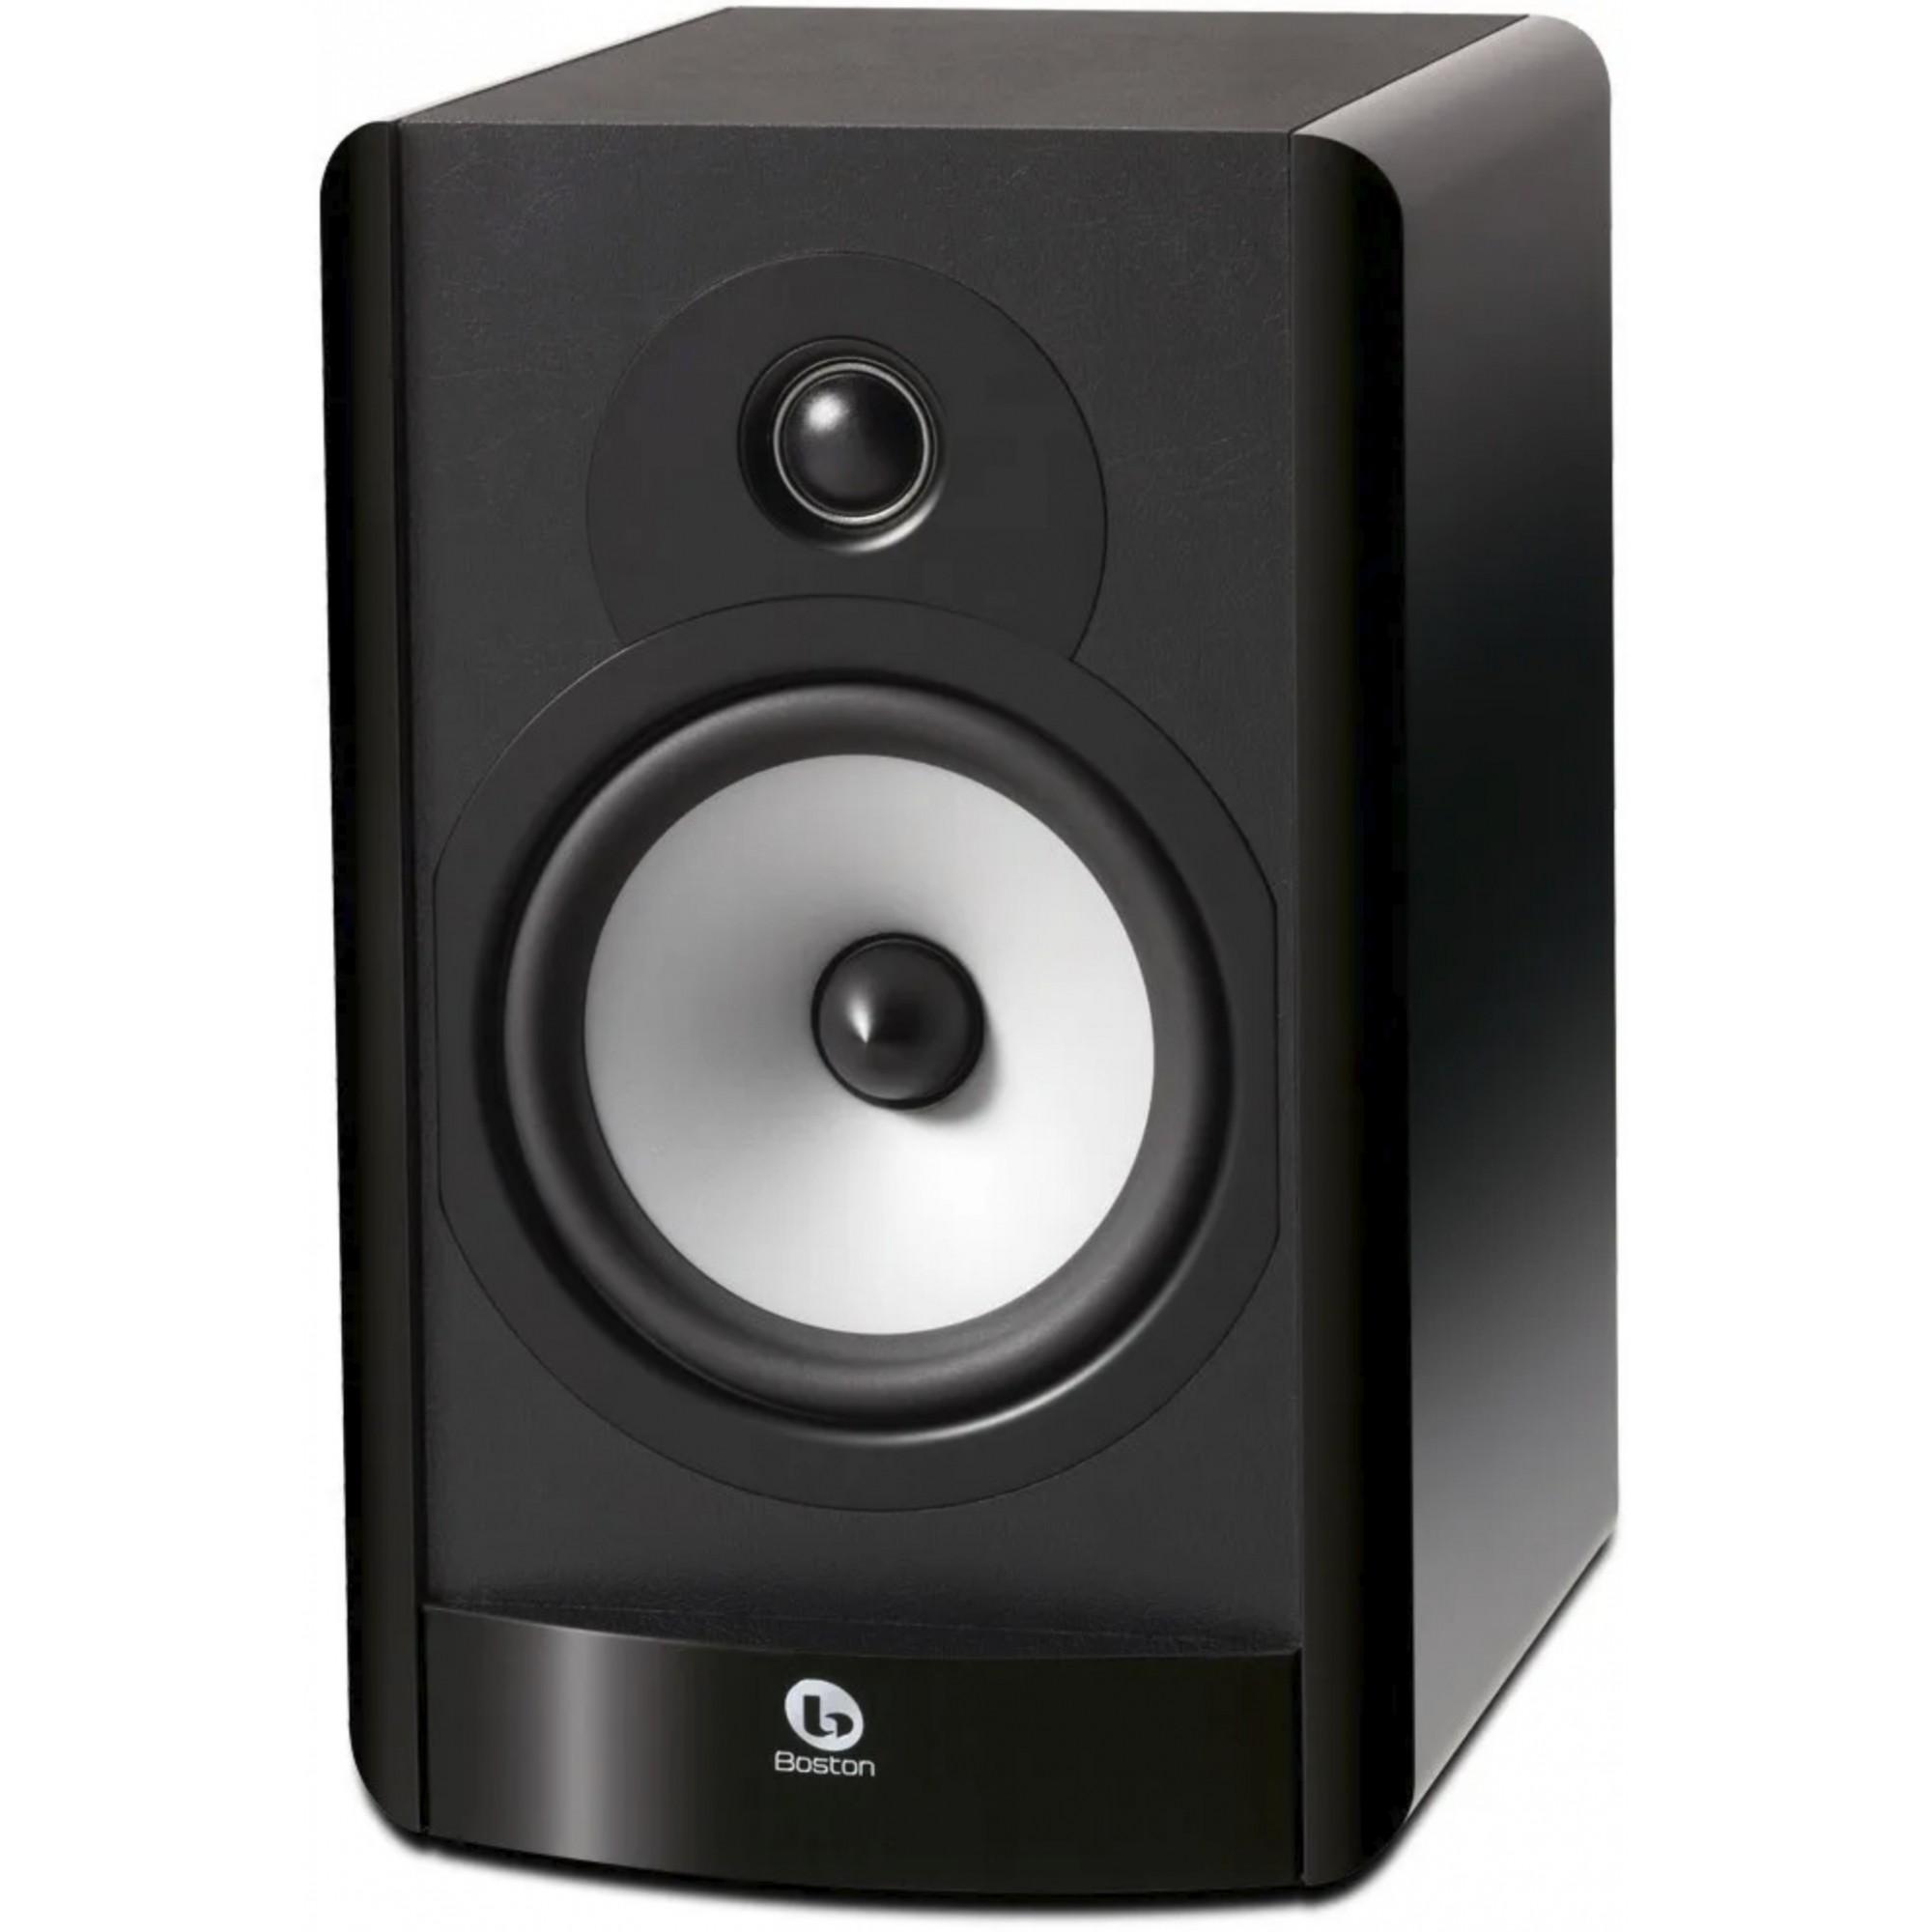 Boston Acoustics A26 Caixa Acústica 150w Par